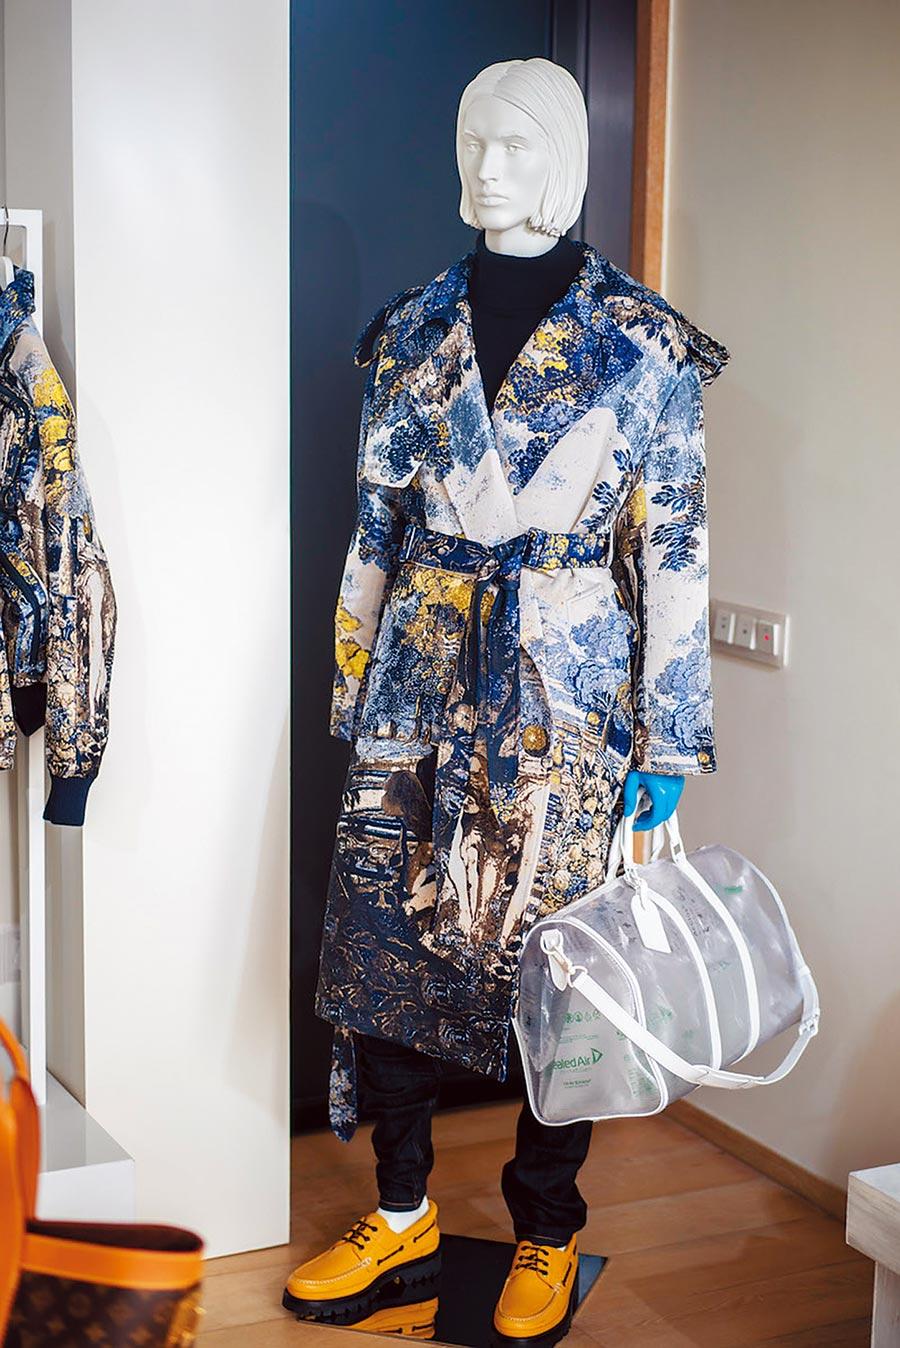 以拉菲爾拼貼畫作為緹花的風衣外套做工精細,搭配透明粒面手袋,讓度假也能優雅奢華。(LV提供)